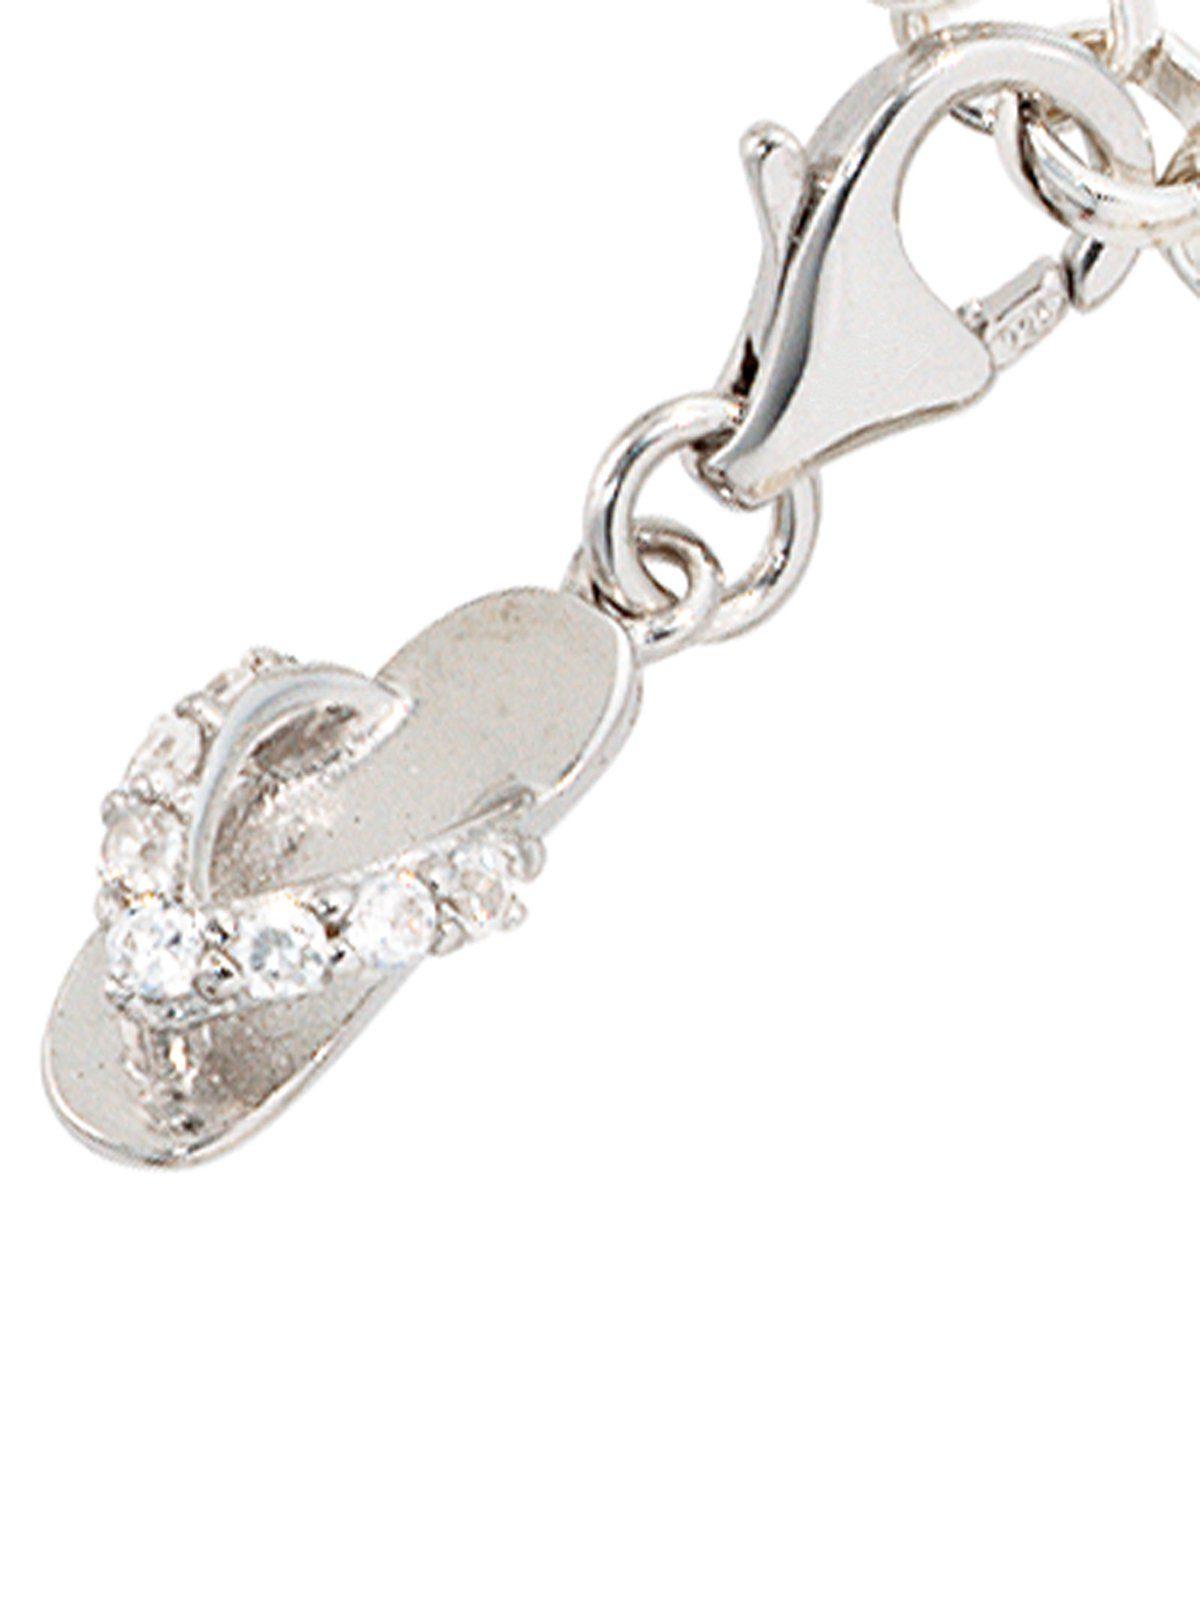 Adelia´s Kettenanhänger »Flip-Flop Anhänger« 925 Silber mit Zirkonia